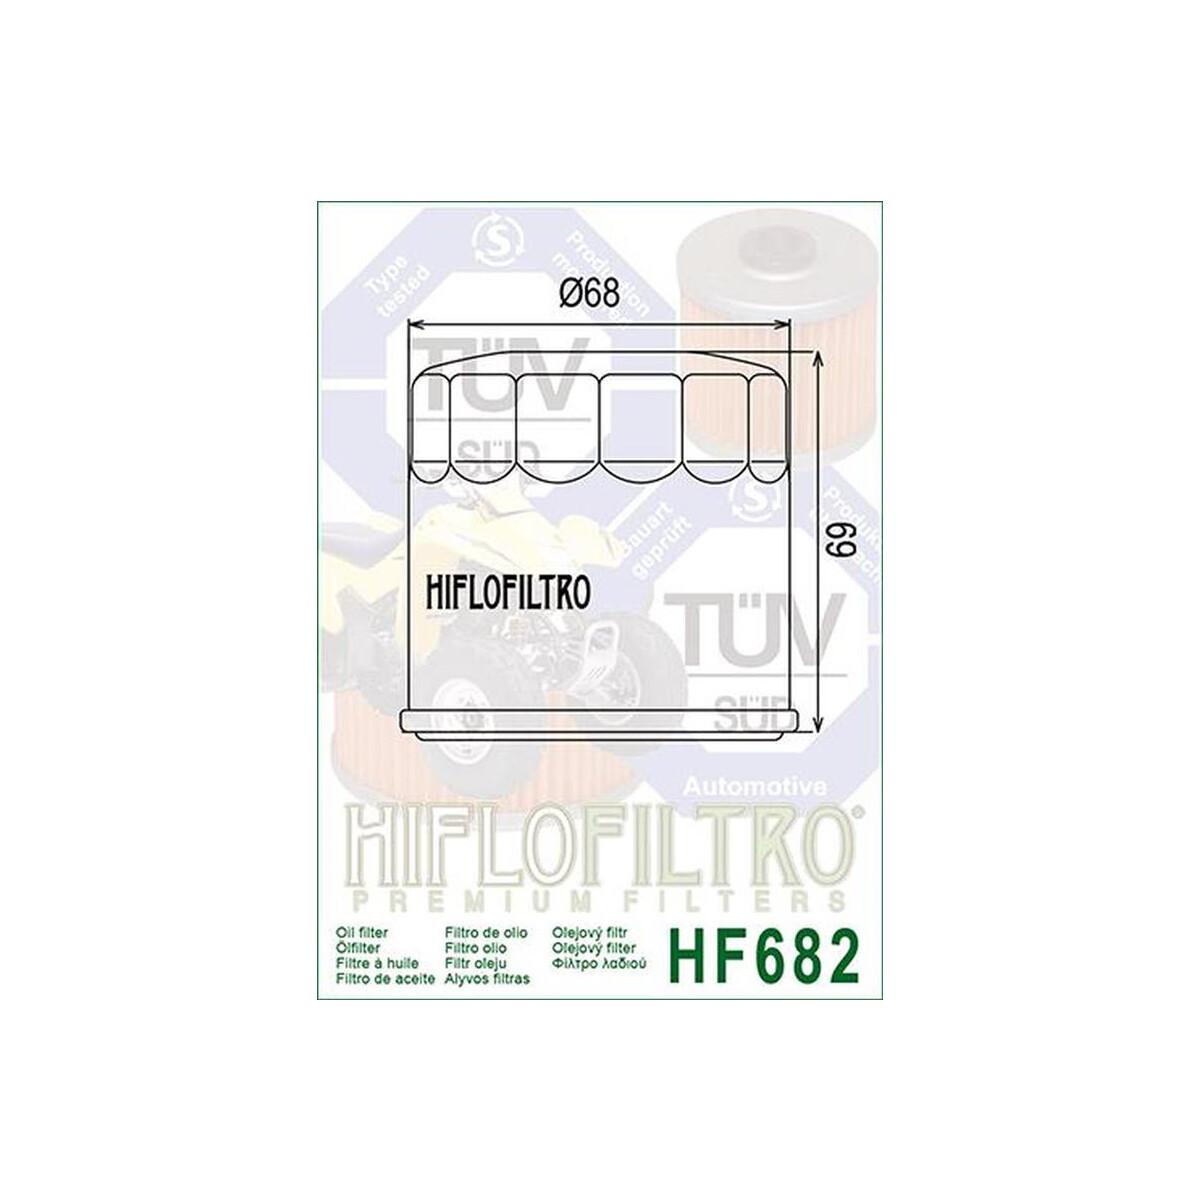 Ltd. ÖLFILTER für 625 ccm GOES 625i X6 Max 4x4